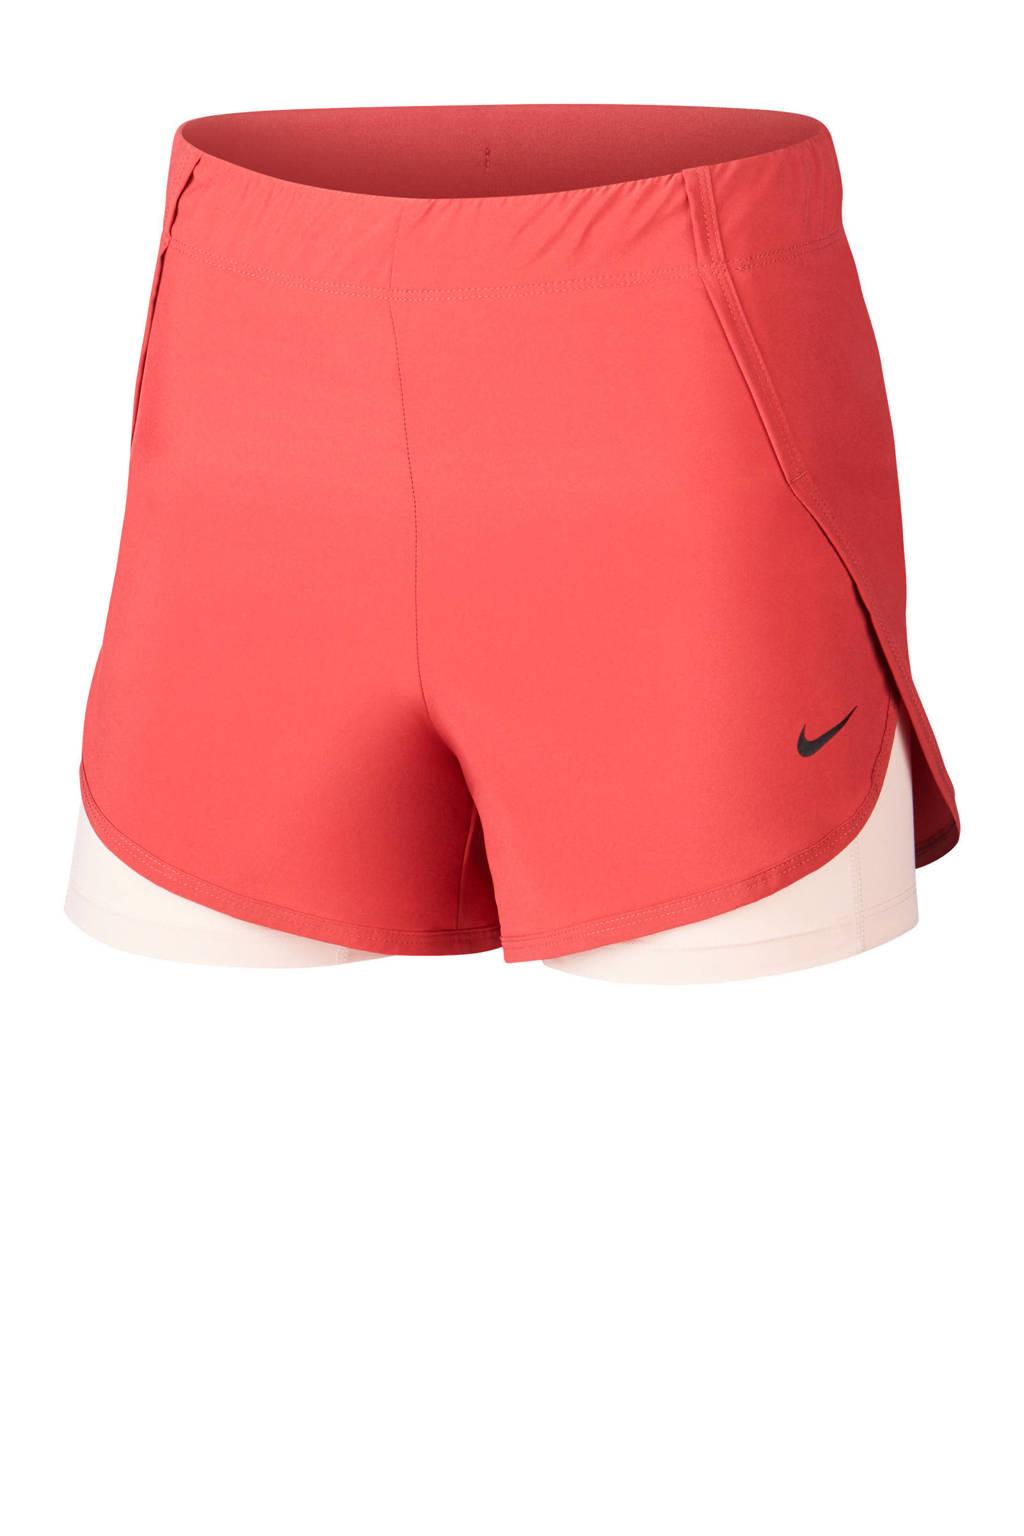 Nike sportshort rood/roze, Rood/roze